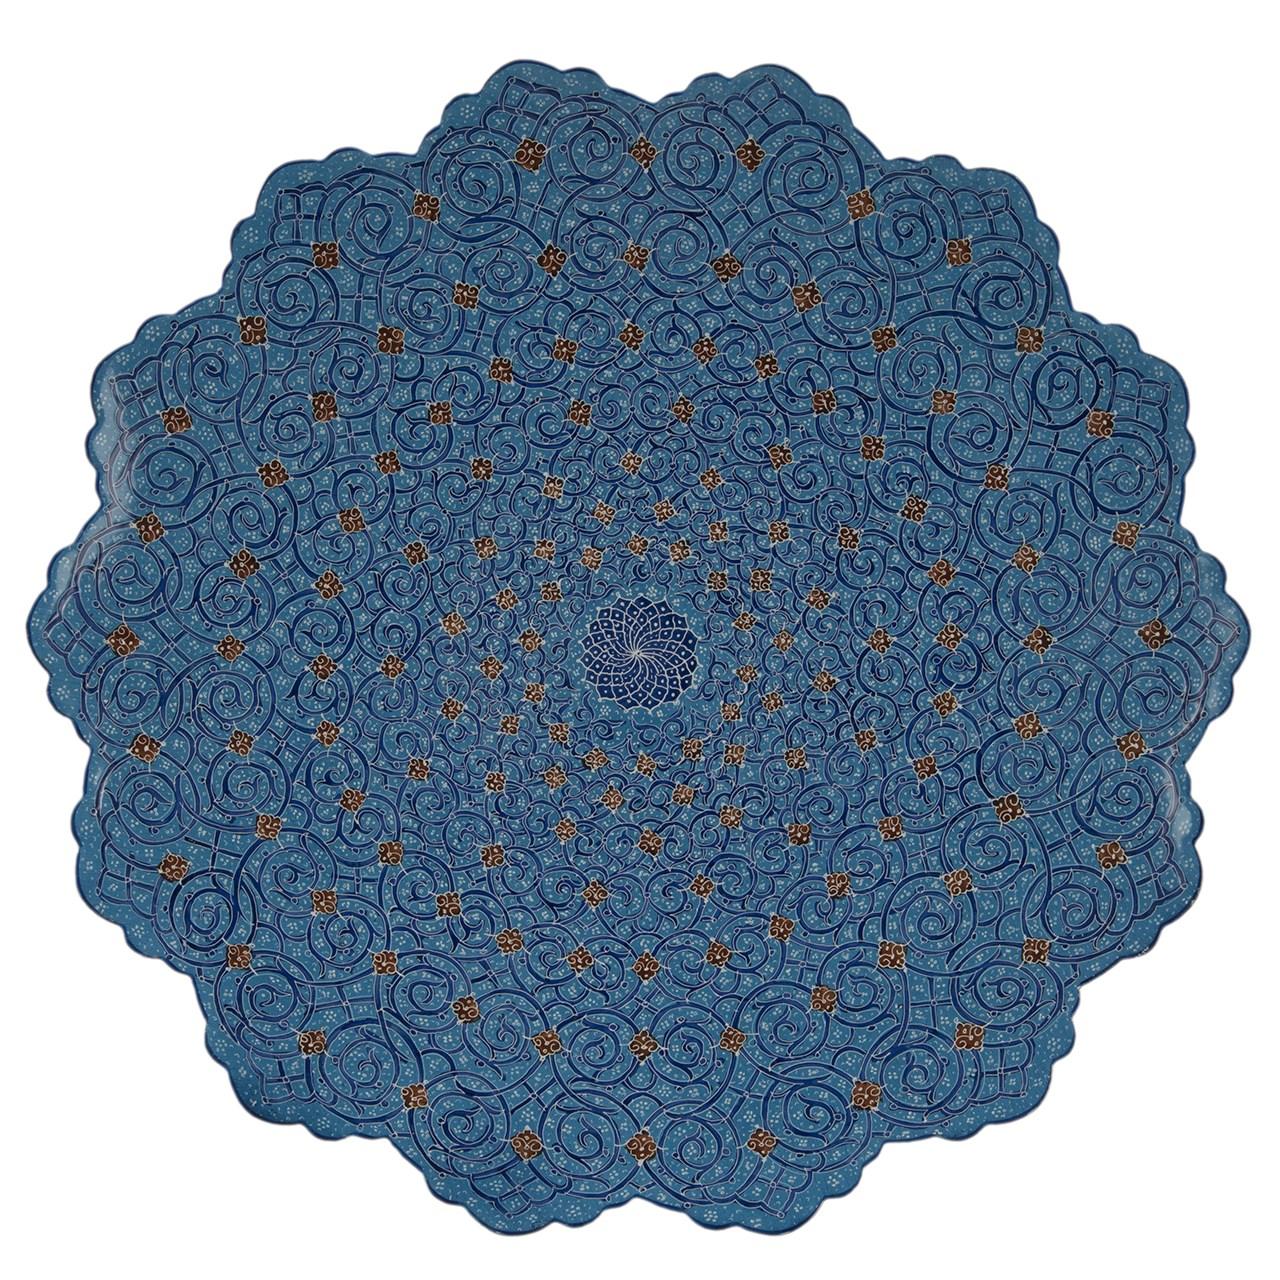 بشقاب مسی میناکاری شده اثر اسماعیلی طرح اسلیمی قطر 30 سانتی متر